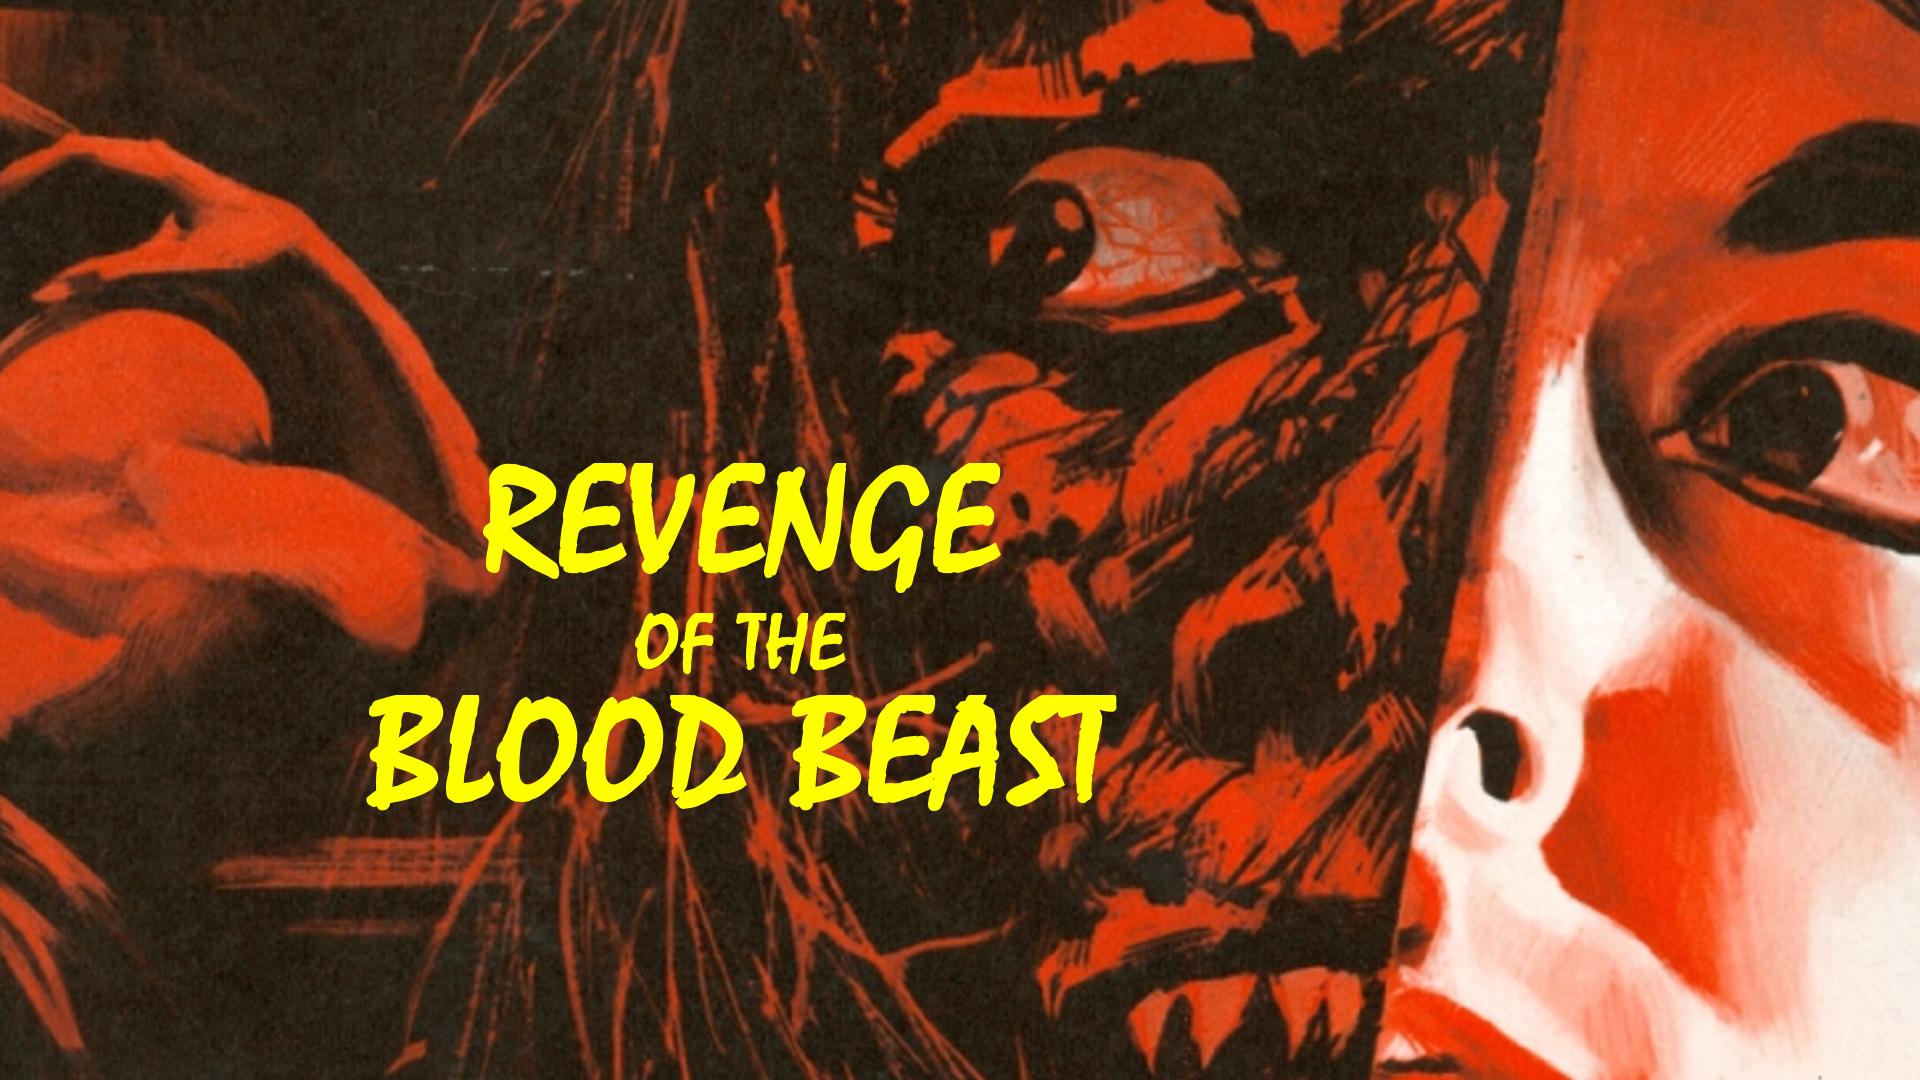 Revenge of the Blood Beast